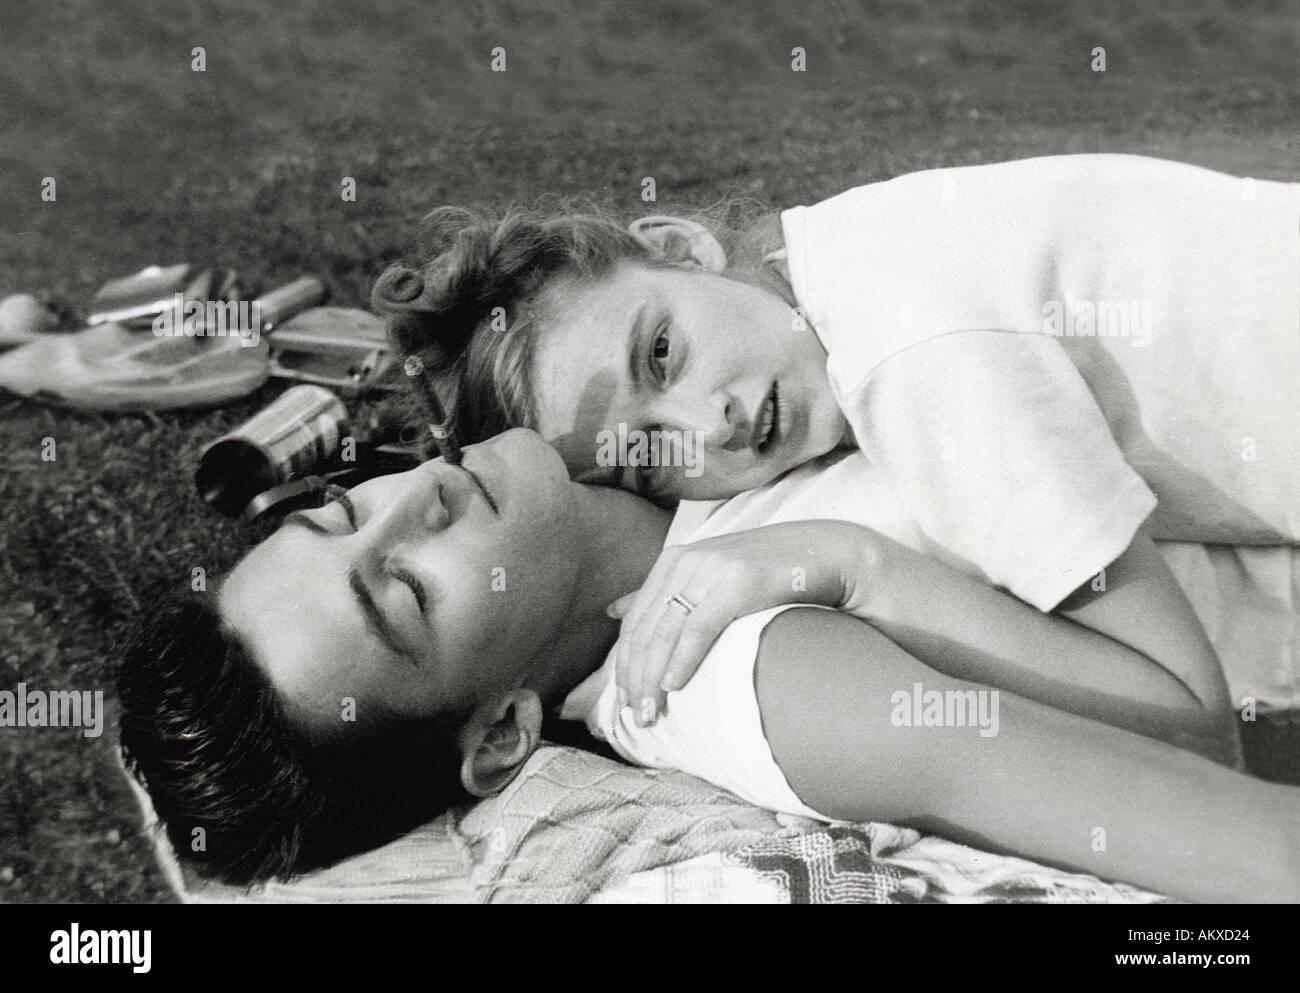 Retro pareja joven. Imagen De Stock